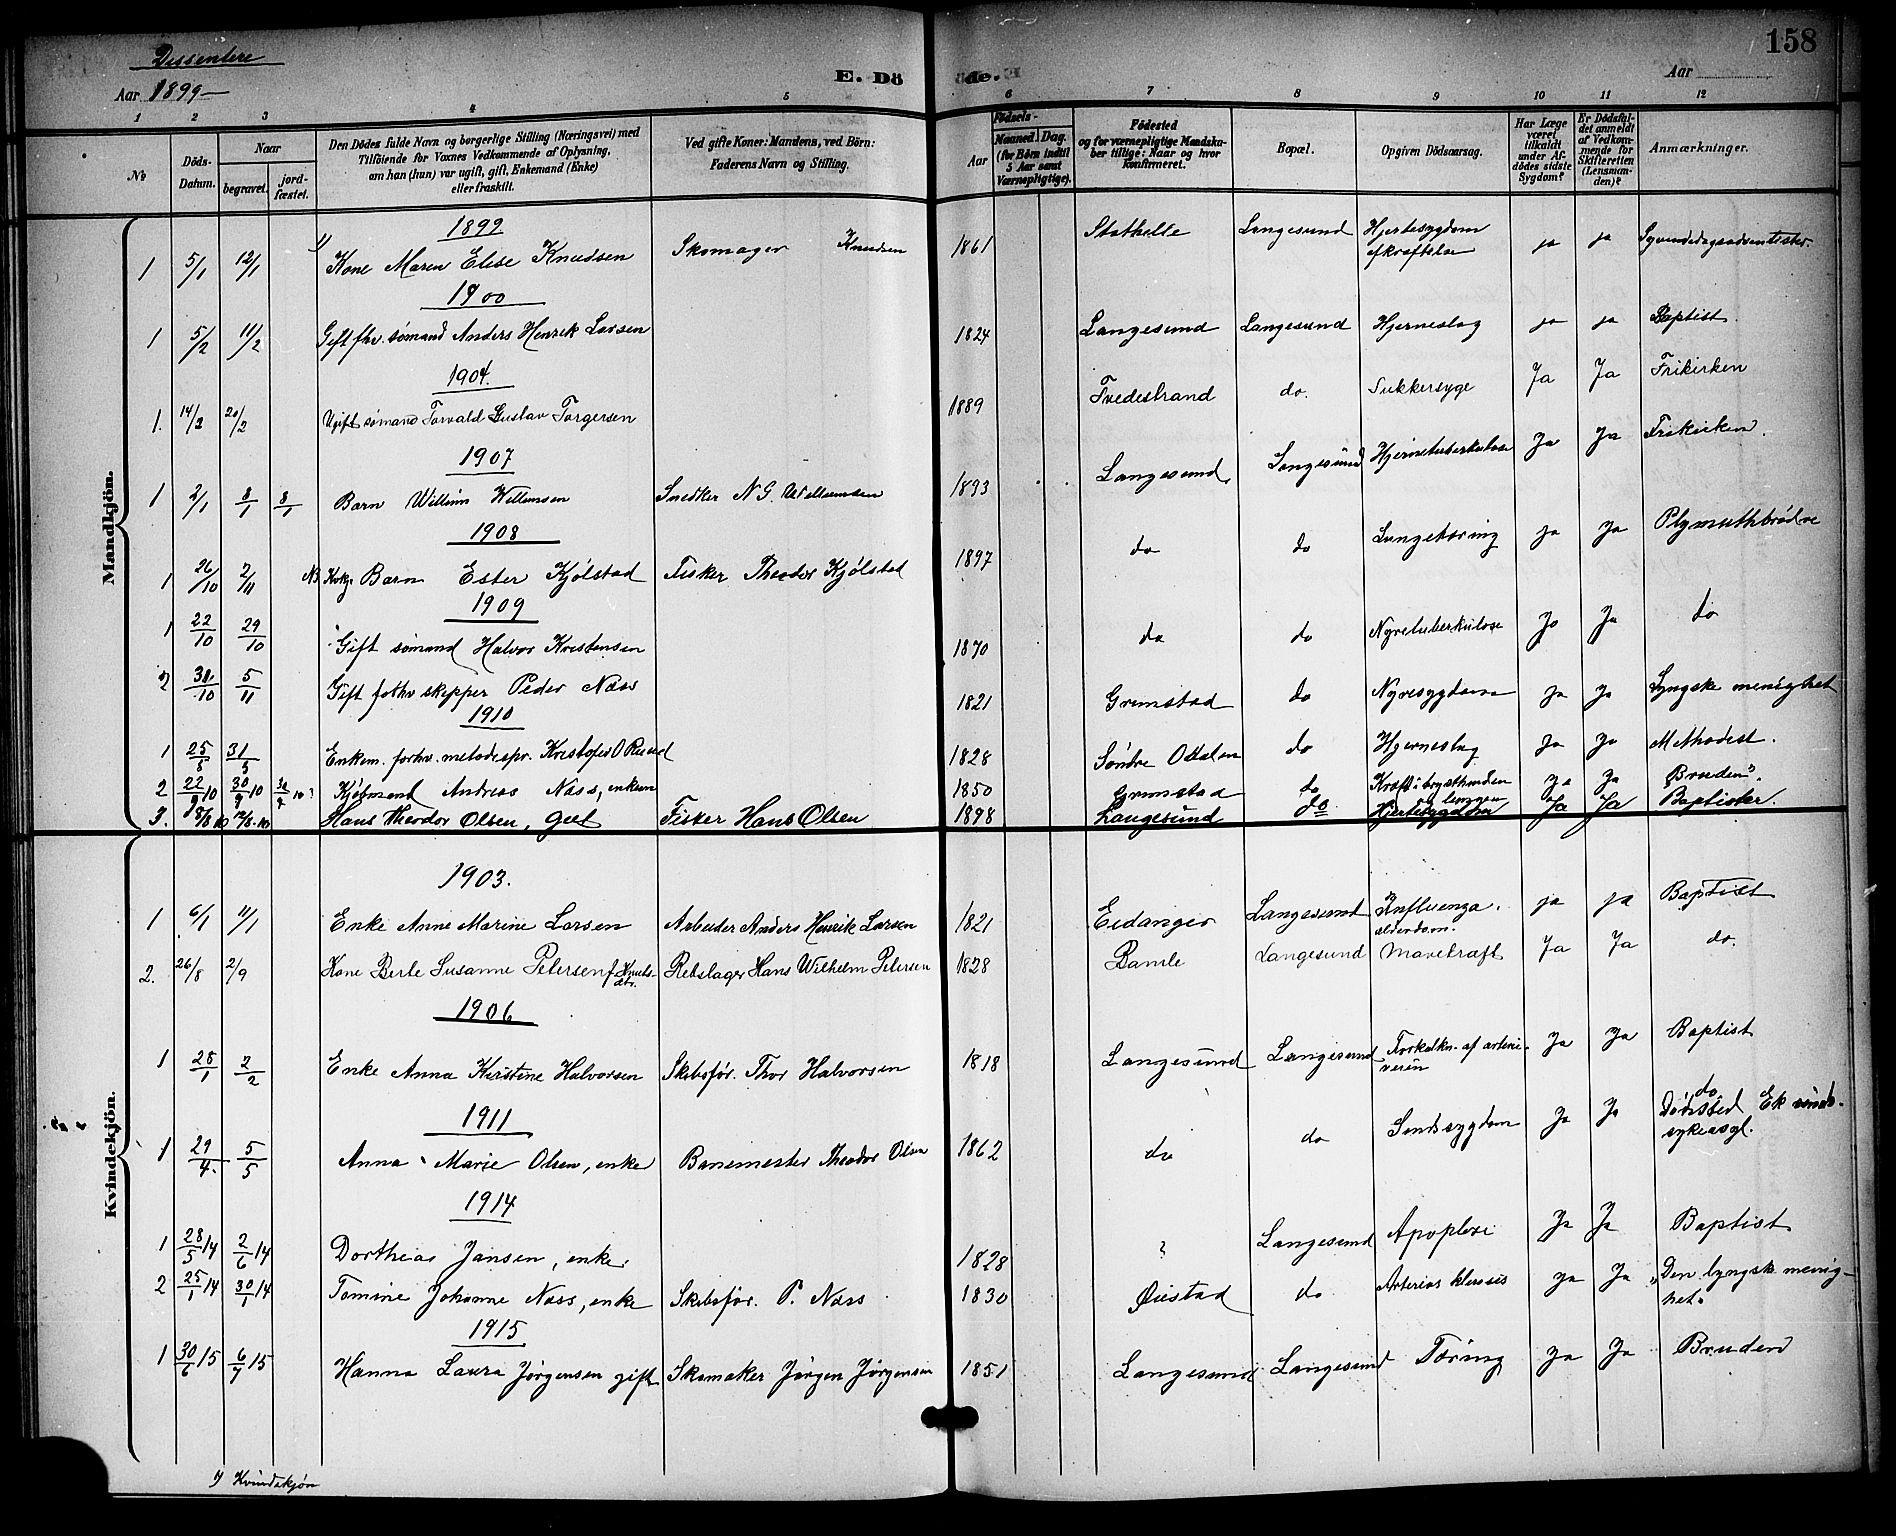 SAKO, Langesund kirkebøker, G/Ga/L0006: Klokkerbok nr. 6, 1899-1918, s. 158